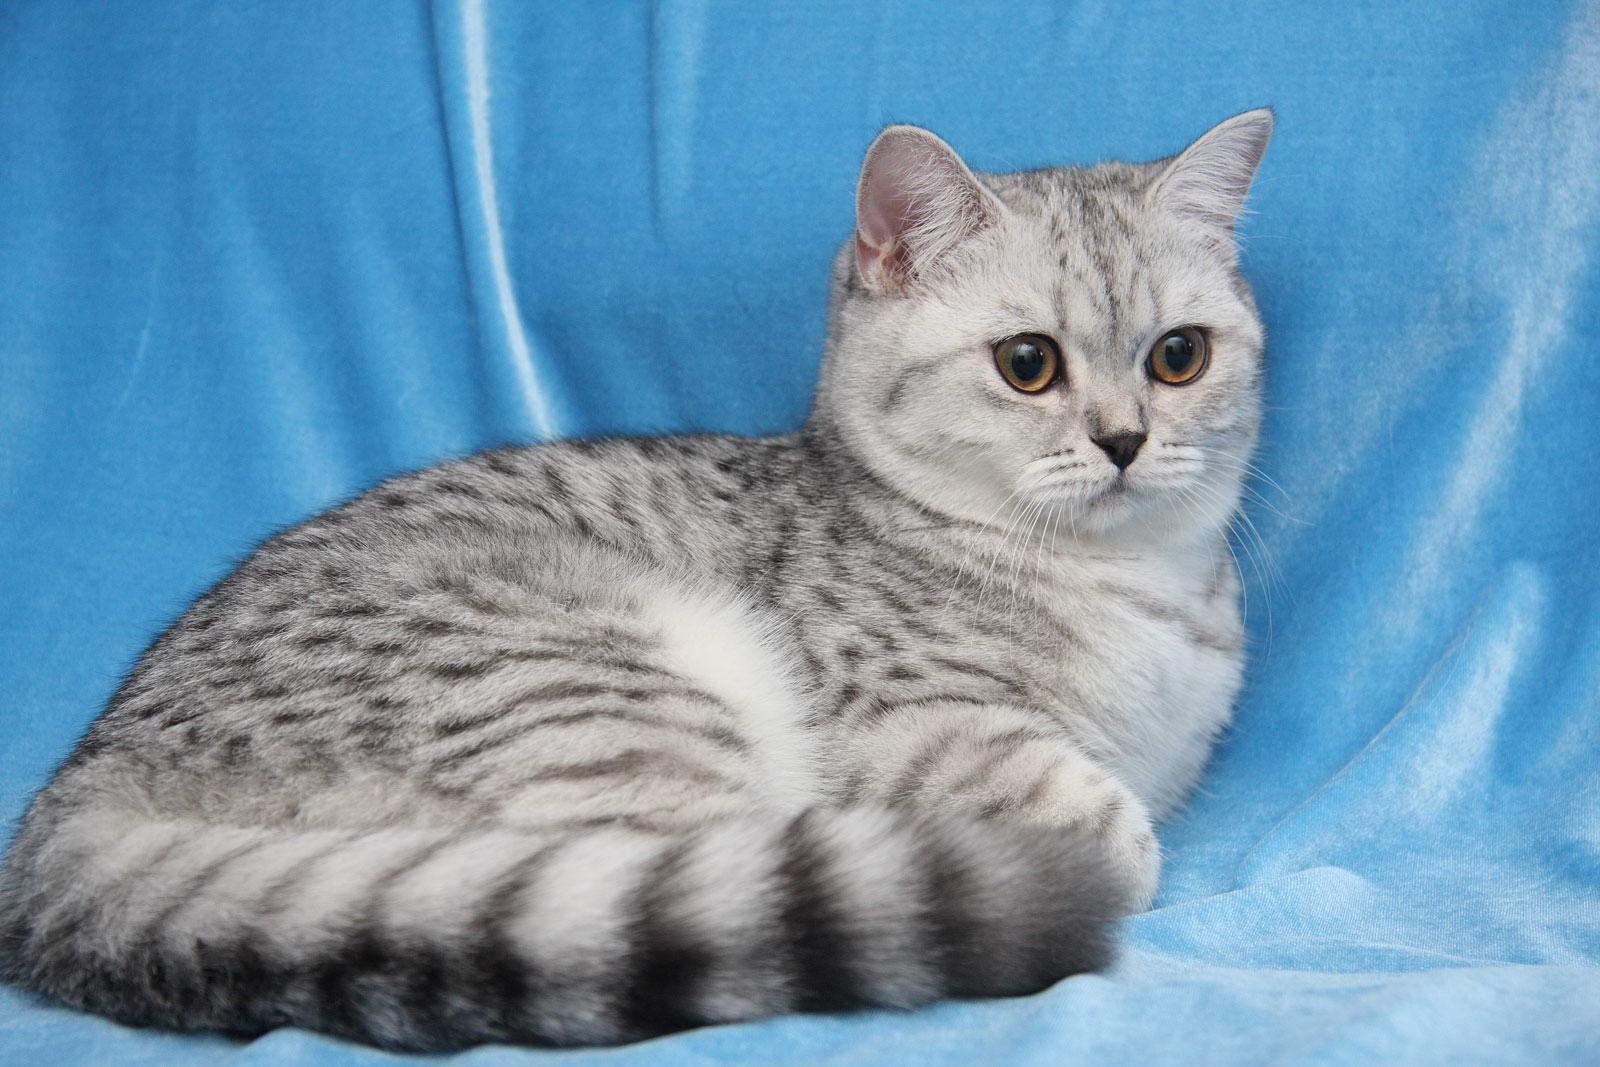 При первых признаках течки у кошки ее необходимо изолировать в отдельное помещение